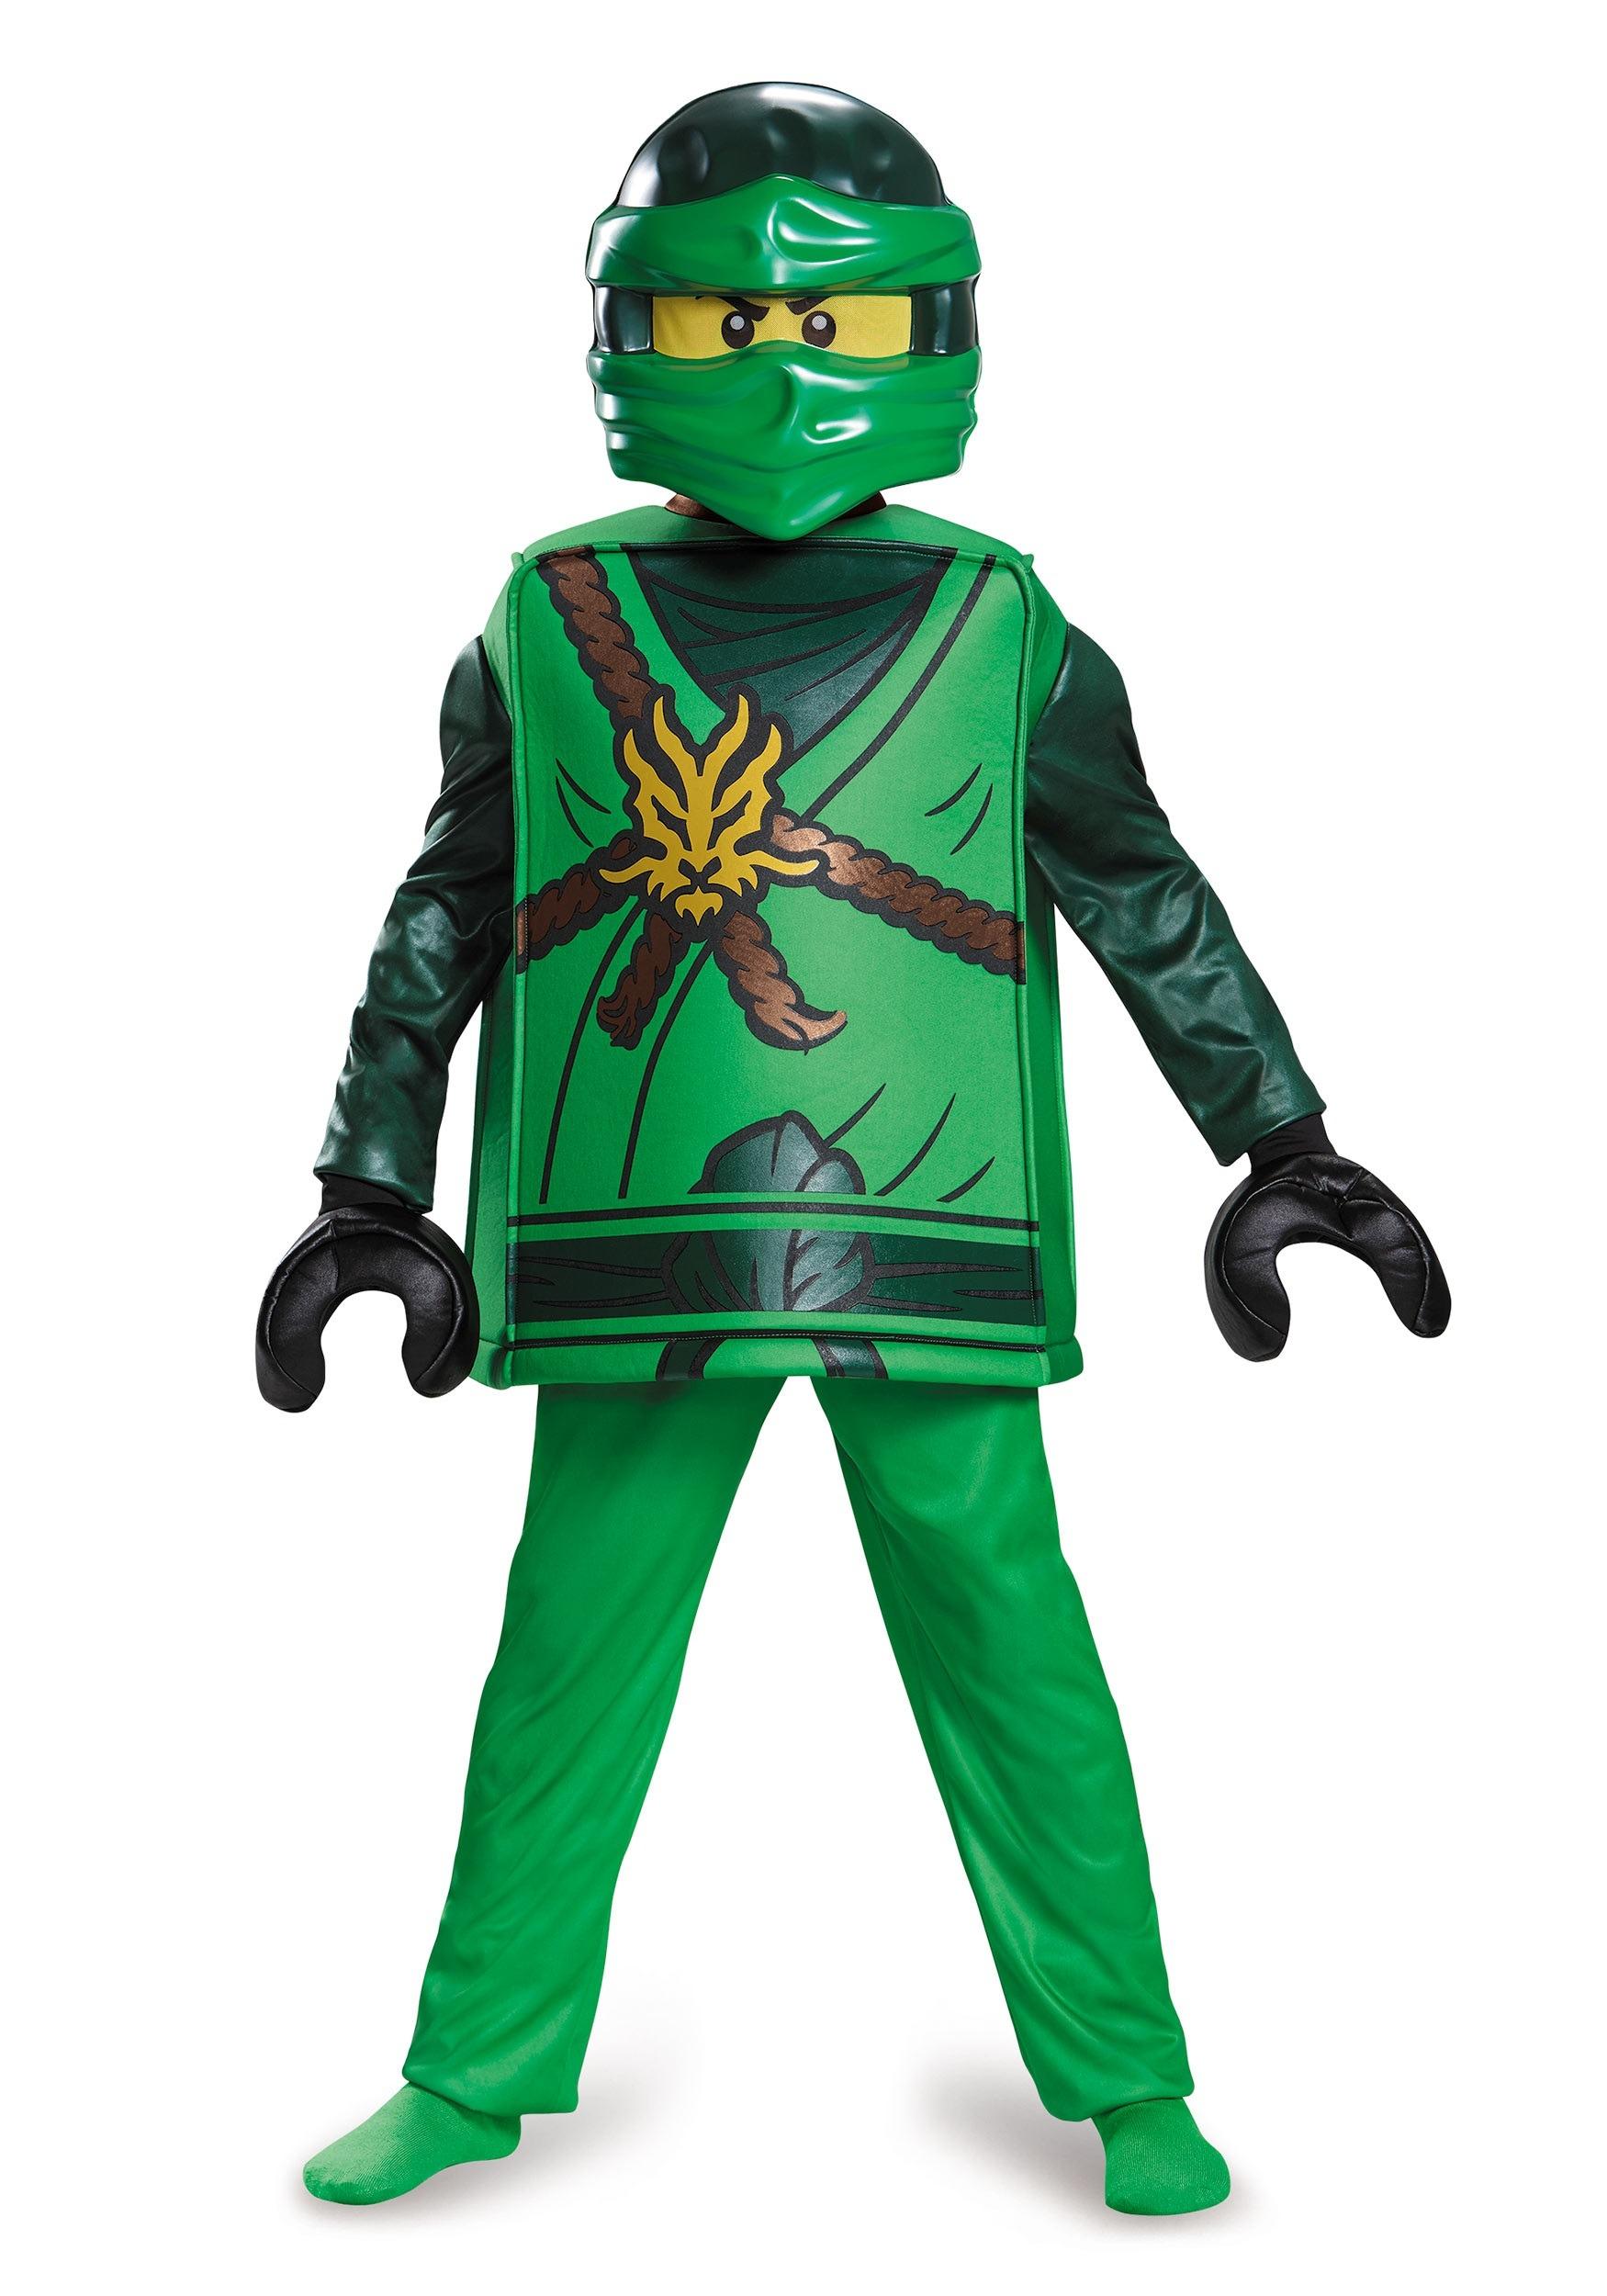 Deluxe ninjago lloyd boys costume - Ninjago lloyd ...